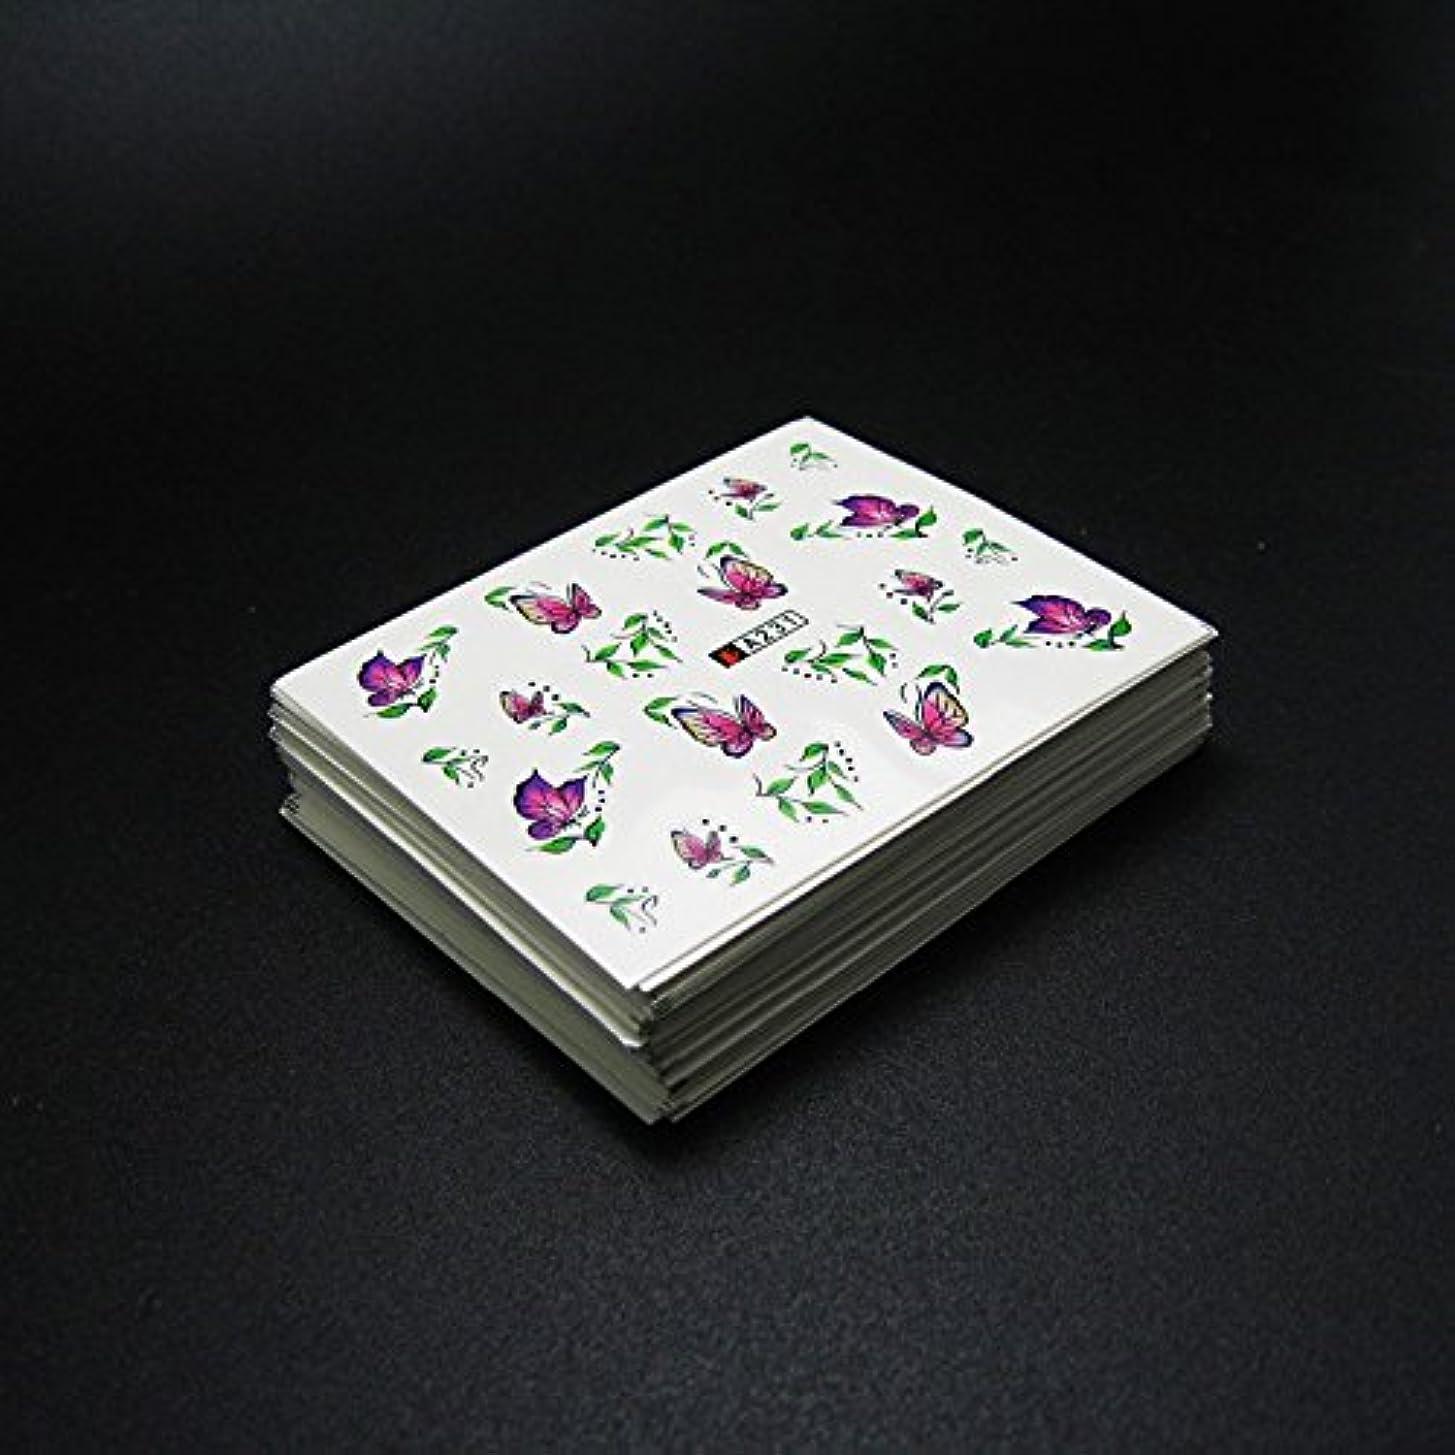 見習いシールディスパッチ50枚ネイルシールの花混在デザイン水転送ネイルアートステッカーウォーターマークデカールDIYデコレーション美容爪用ツール